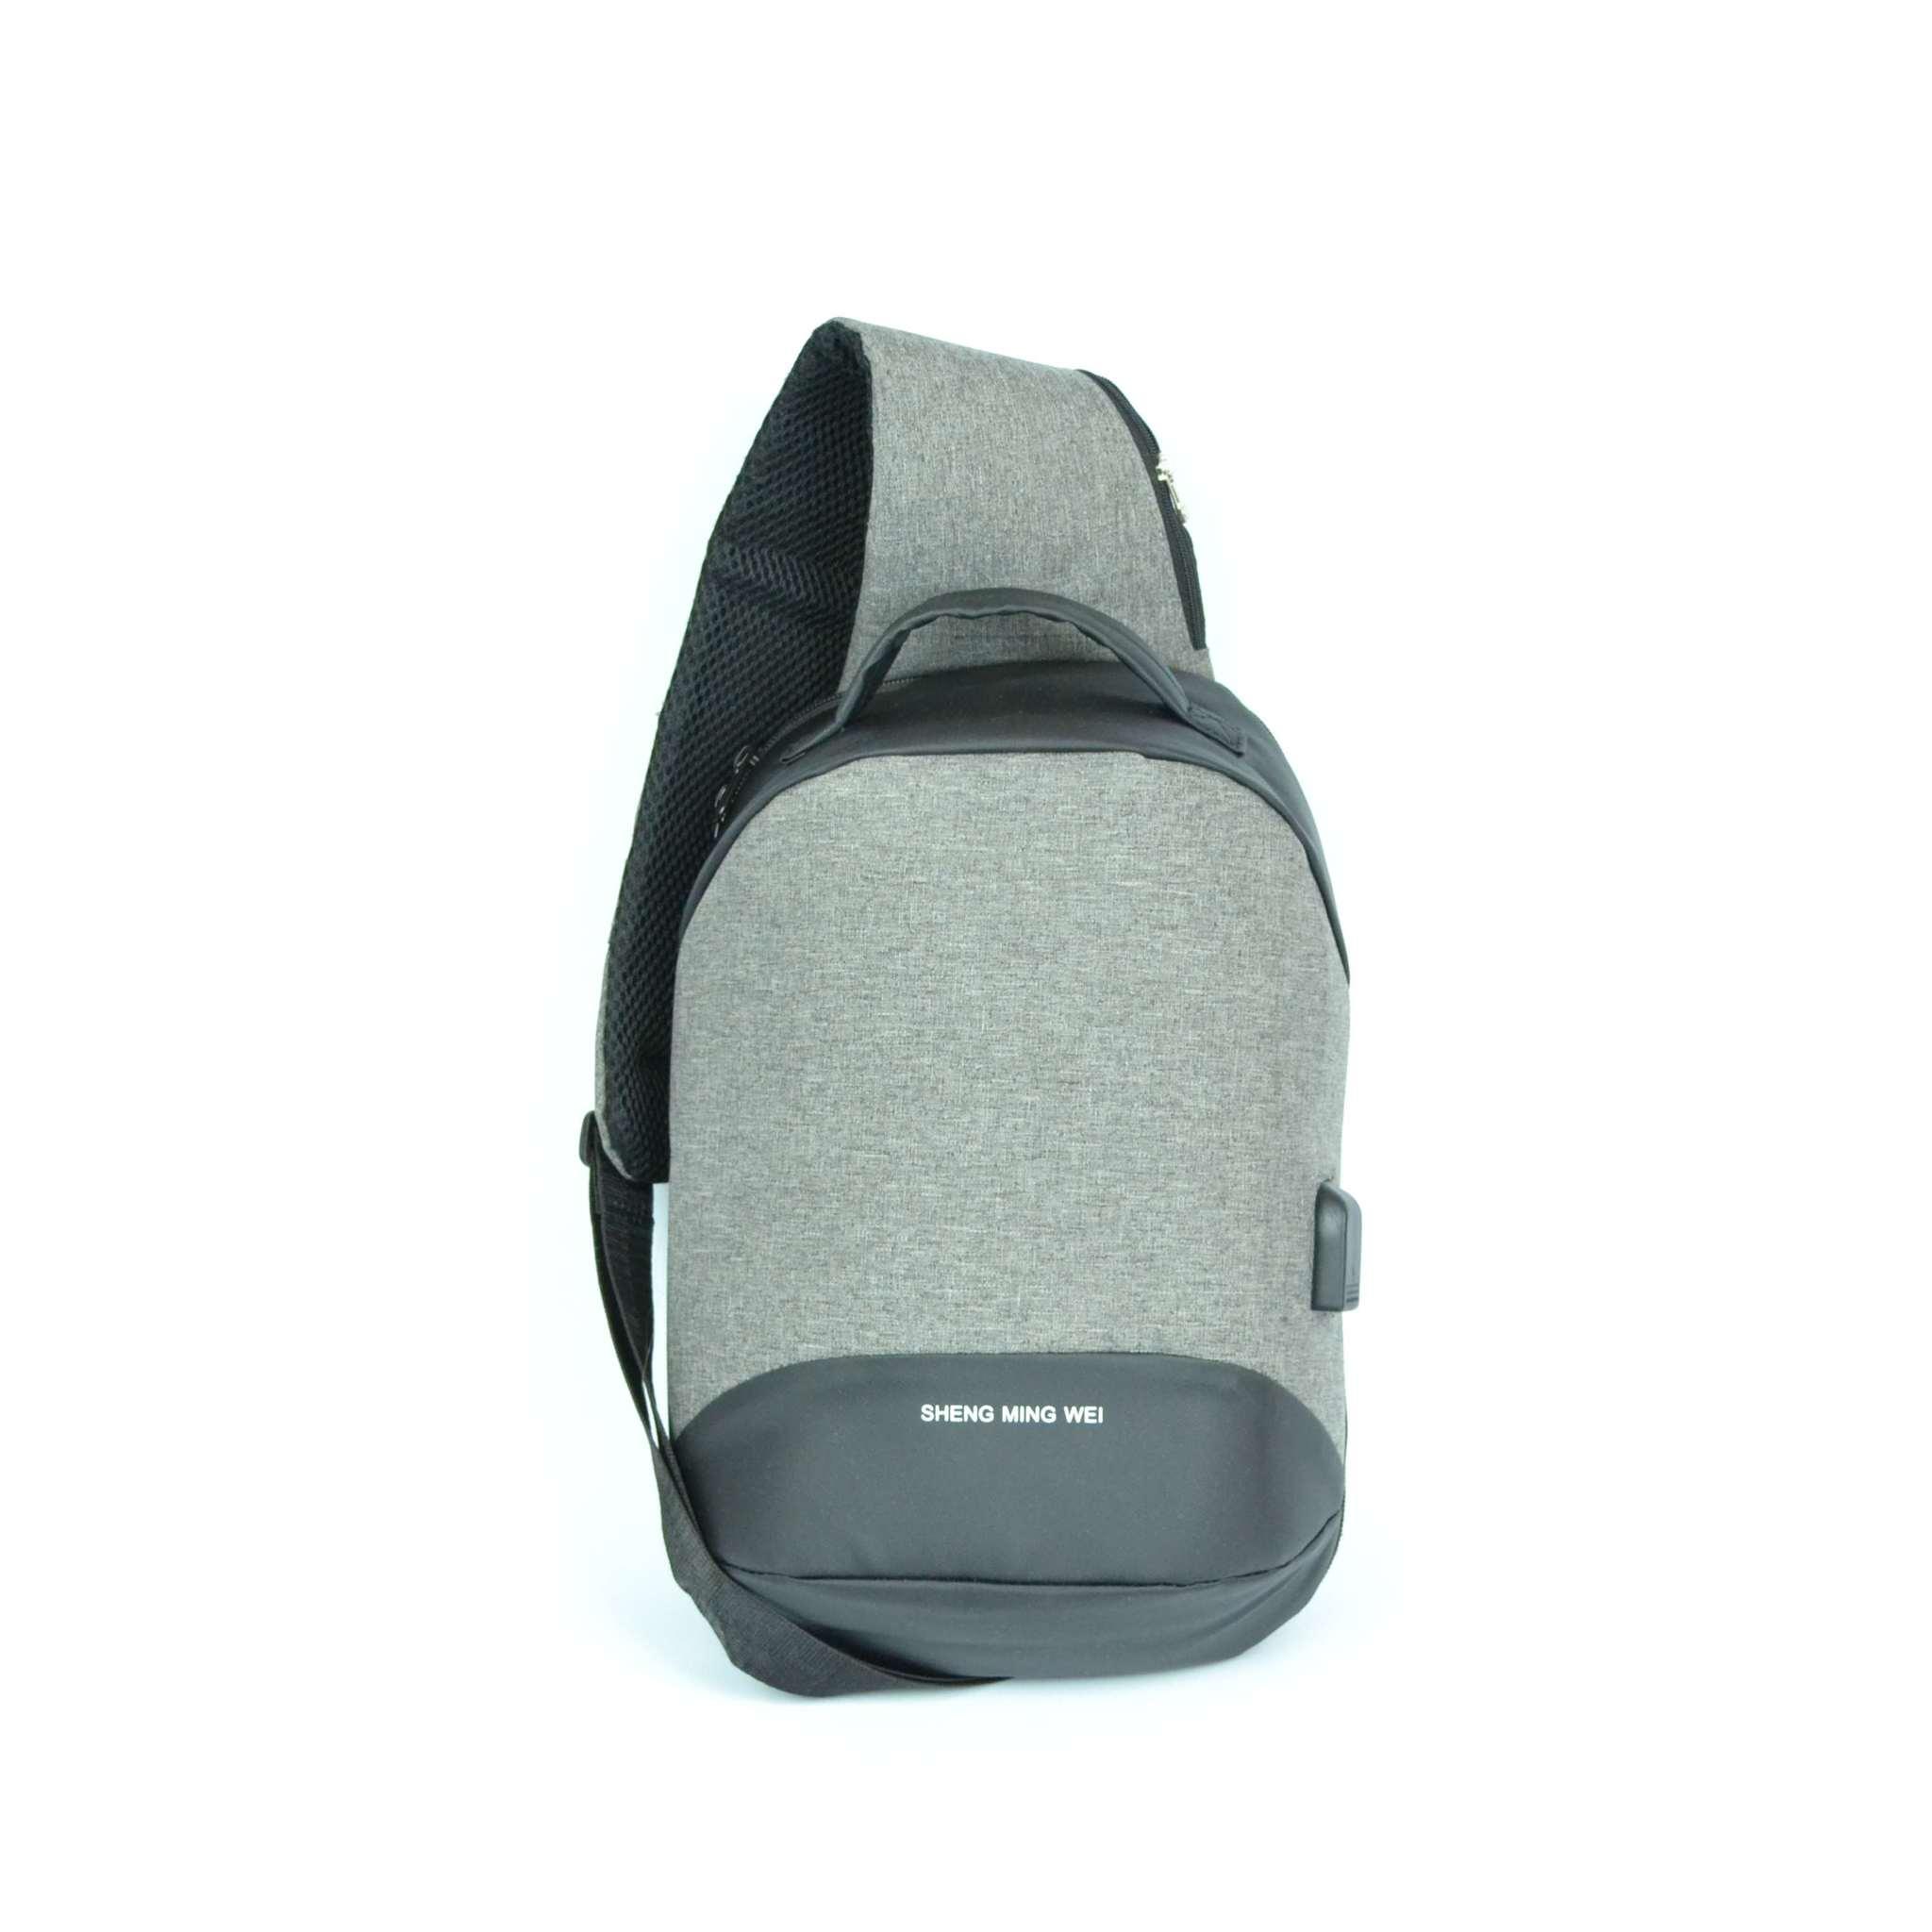 7cf3619f9a61 Рюкзак-сумка Sling Bag через плечо, c USB-разъемом цена Рюкзак-сумка ...